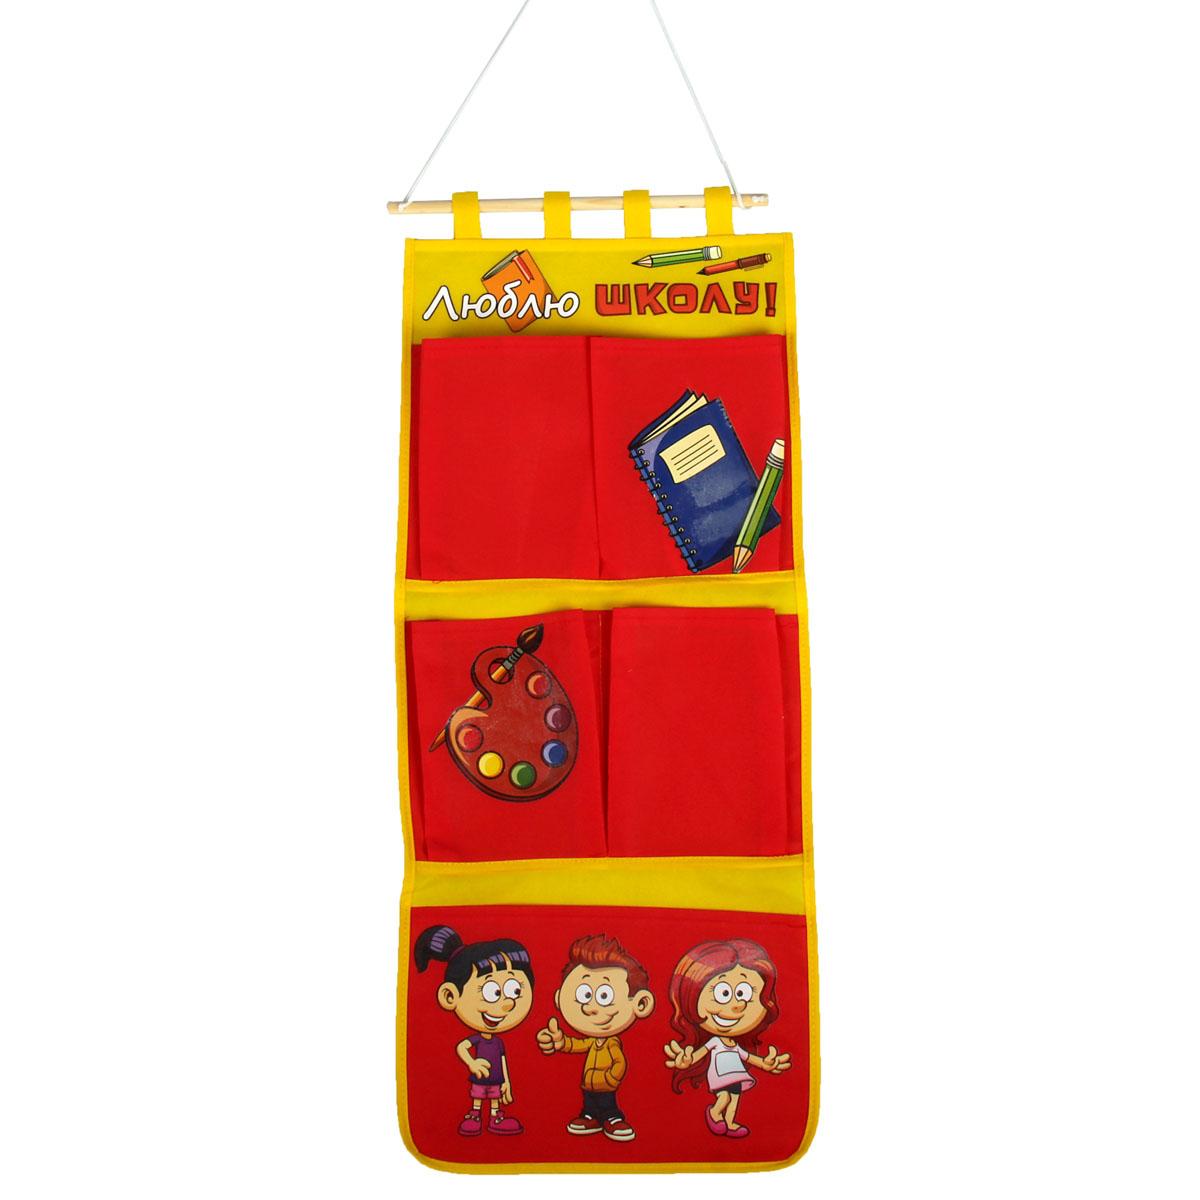 Кармашки на стену Sima-land Люблю школу!, цвет: красный, желтый, коричневый, 5 шт906878Кармашки на стену Sima-land «Люблю школу!», изготовленные из текстиля, предназначены для хранения необходимых вещей, множества мелочей в гардеробной, ванной, детской комнатах. Изделие представляет собой текстильное полотно с пятью пришитыми кармашками. Благодаря деревянной планке и шнурку, кармашки можно подвесить на стену или дверь в необходимом для вас месте. Кармашки декорированы изображениями веселых ребятишек, школьных принадлежностей и надписью «Люблю школу!».Этот нужный предмет может стать одновременно и декоративным элементом комнаты. Яркий дизайн, как ничто иное, способен оживить интерьер вашего дома.